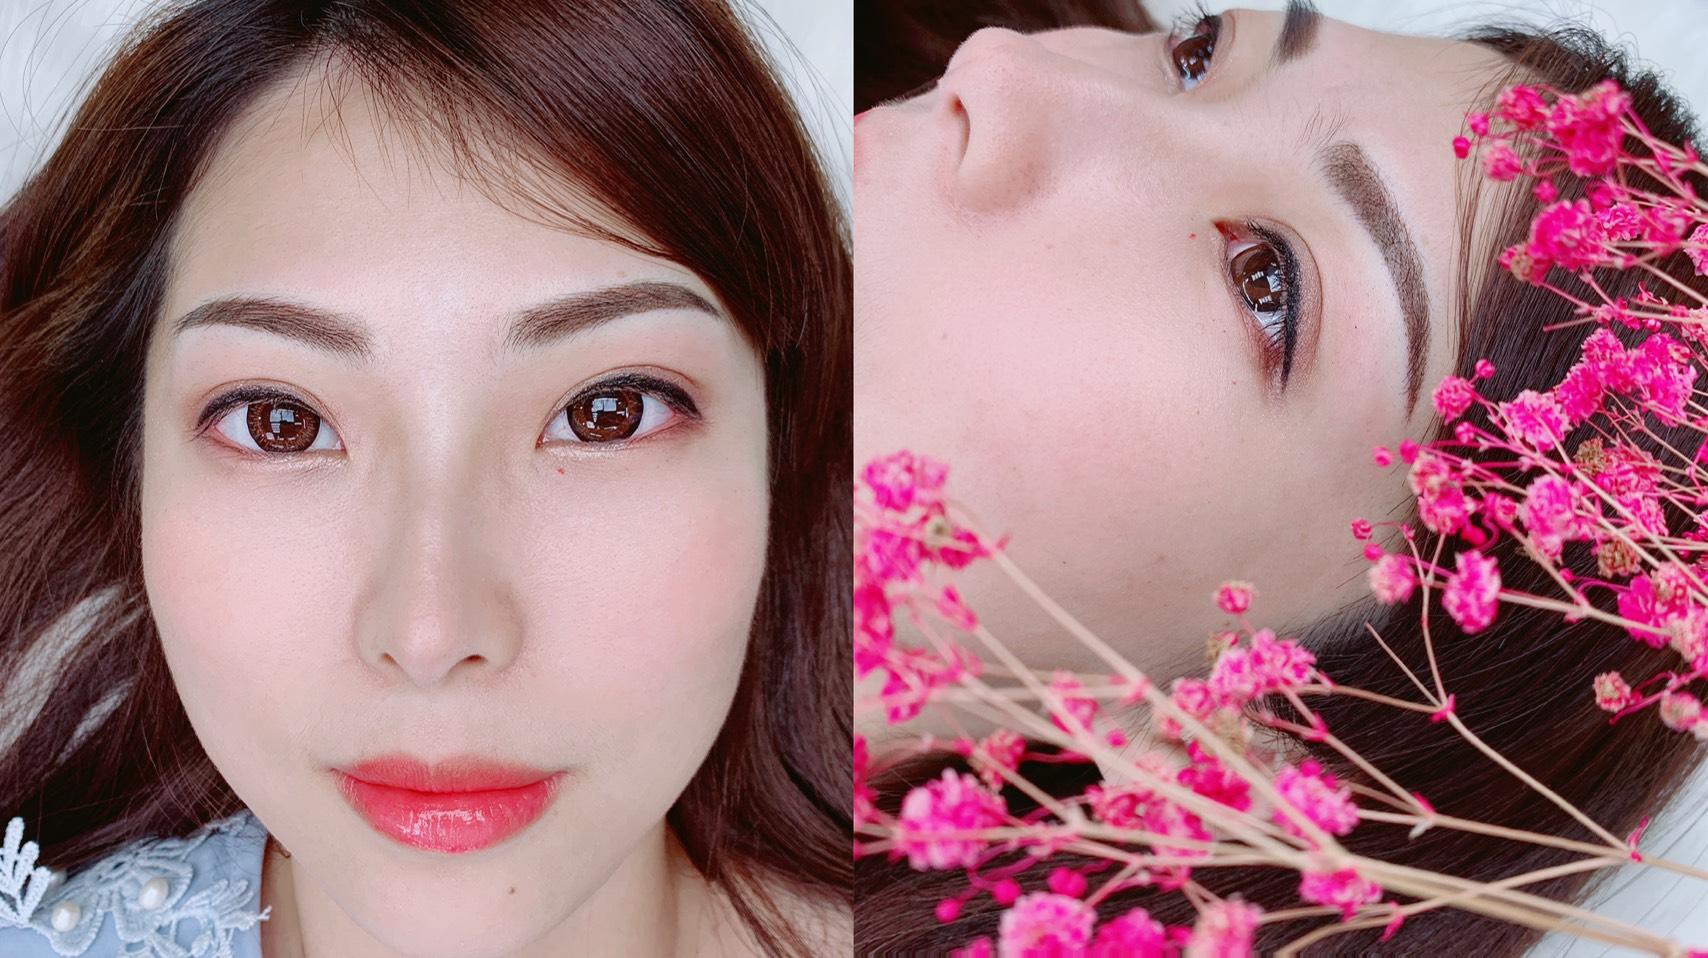 新莊霧眉推薦-超精緻客製化眉型!拉芙琳眉眼唇美學設計,不化妝也能給你滿滿的好氣色!